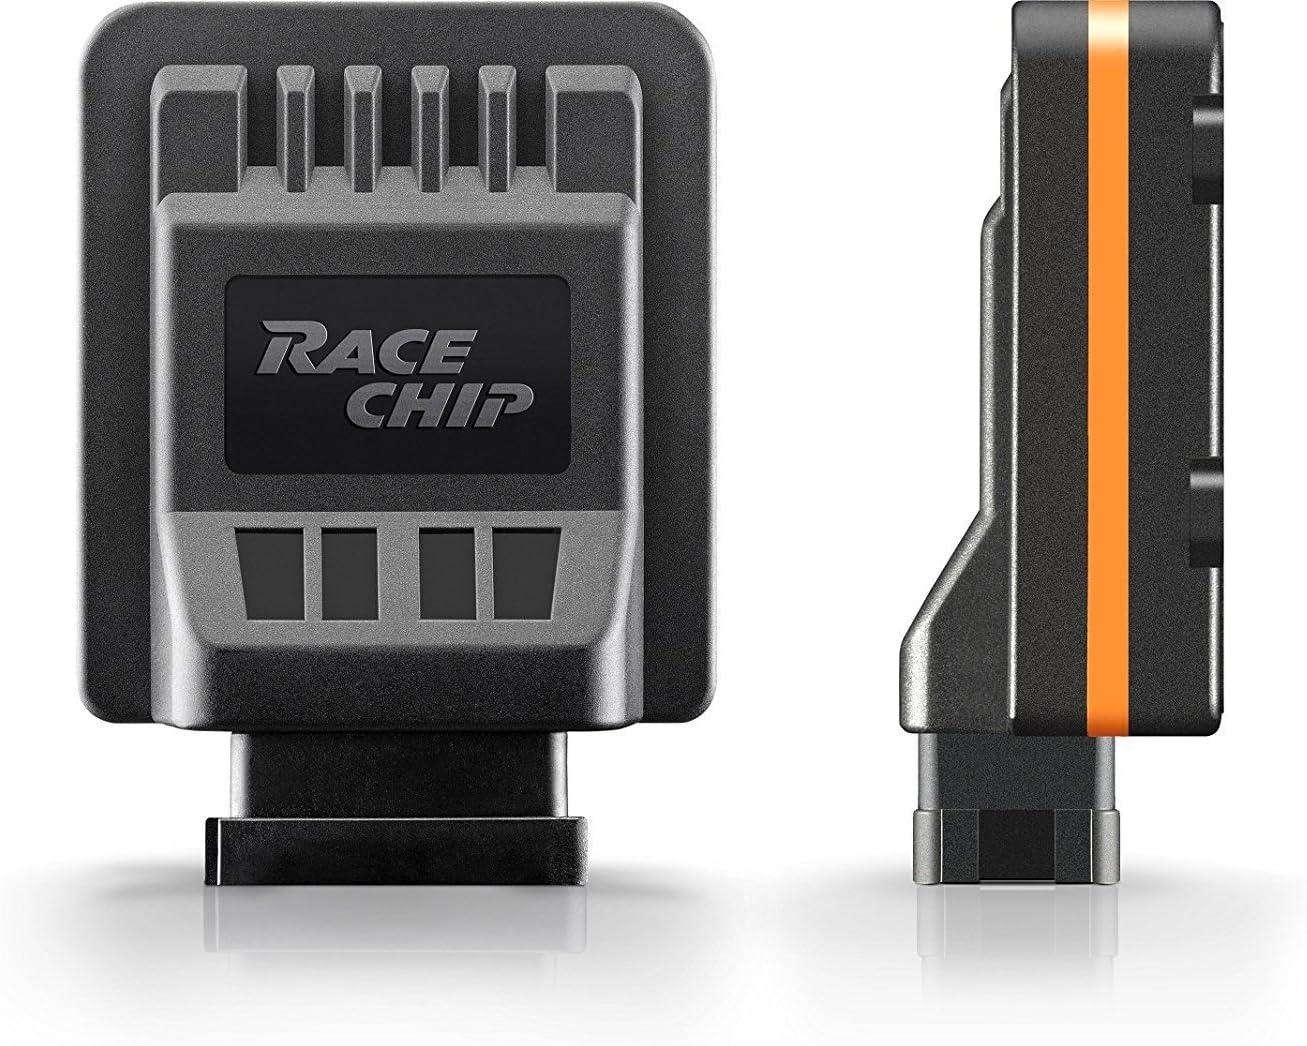 Chiptuning RaceChip Pro2 A4 2.0 TDI 170PS 125kW Tuningbox Chip Tuning 25/% mehr Leistung und h/öhere Beschleunigung B8 weniger Verbrauch